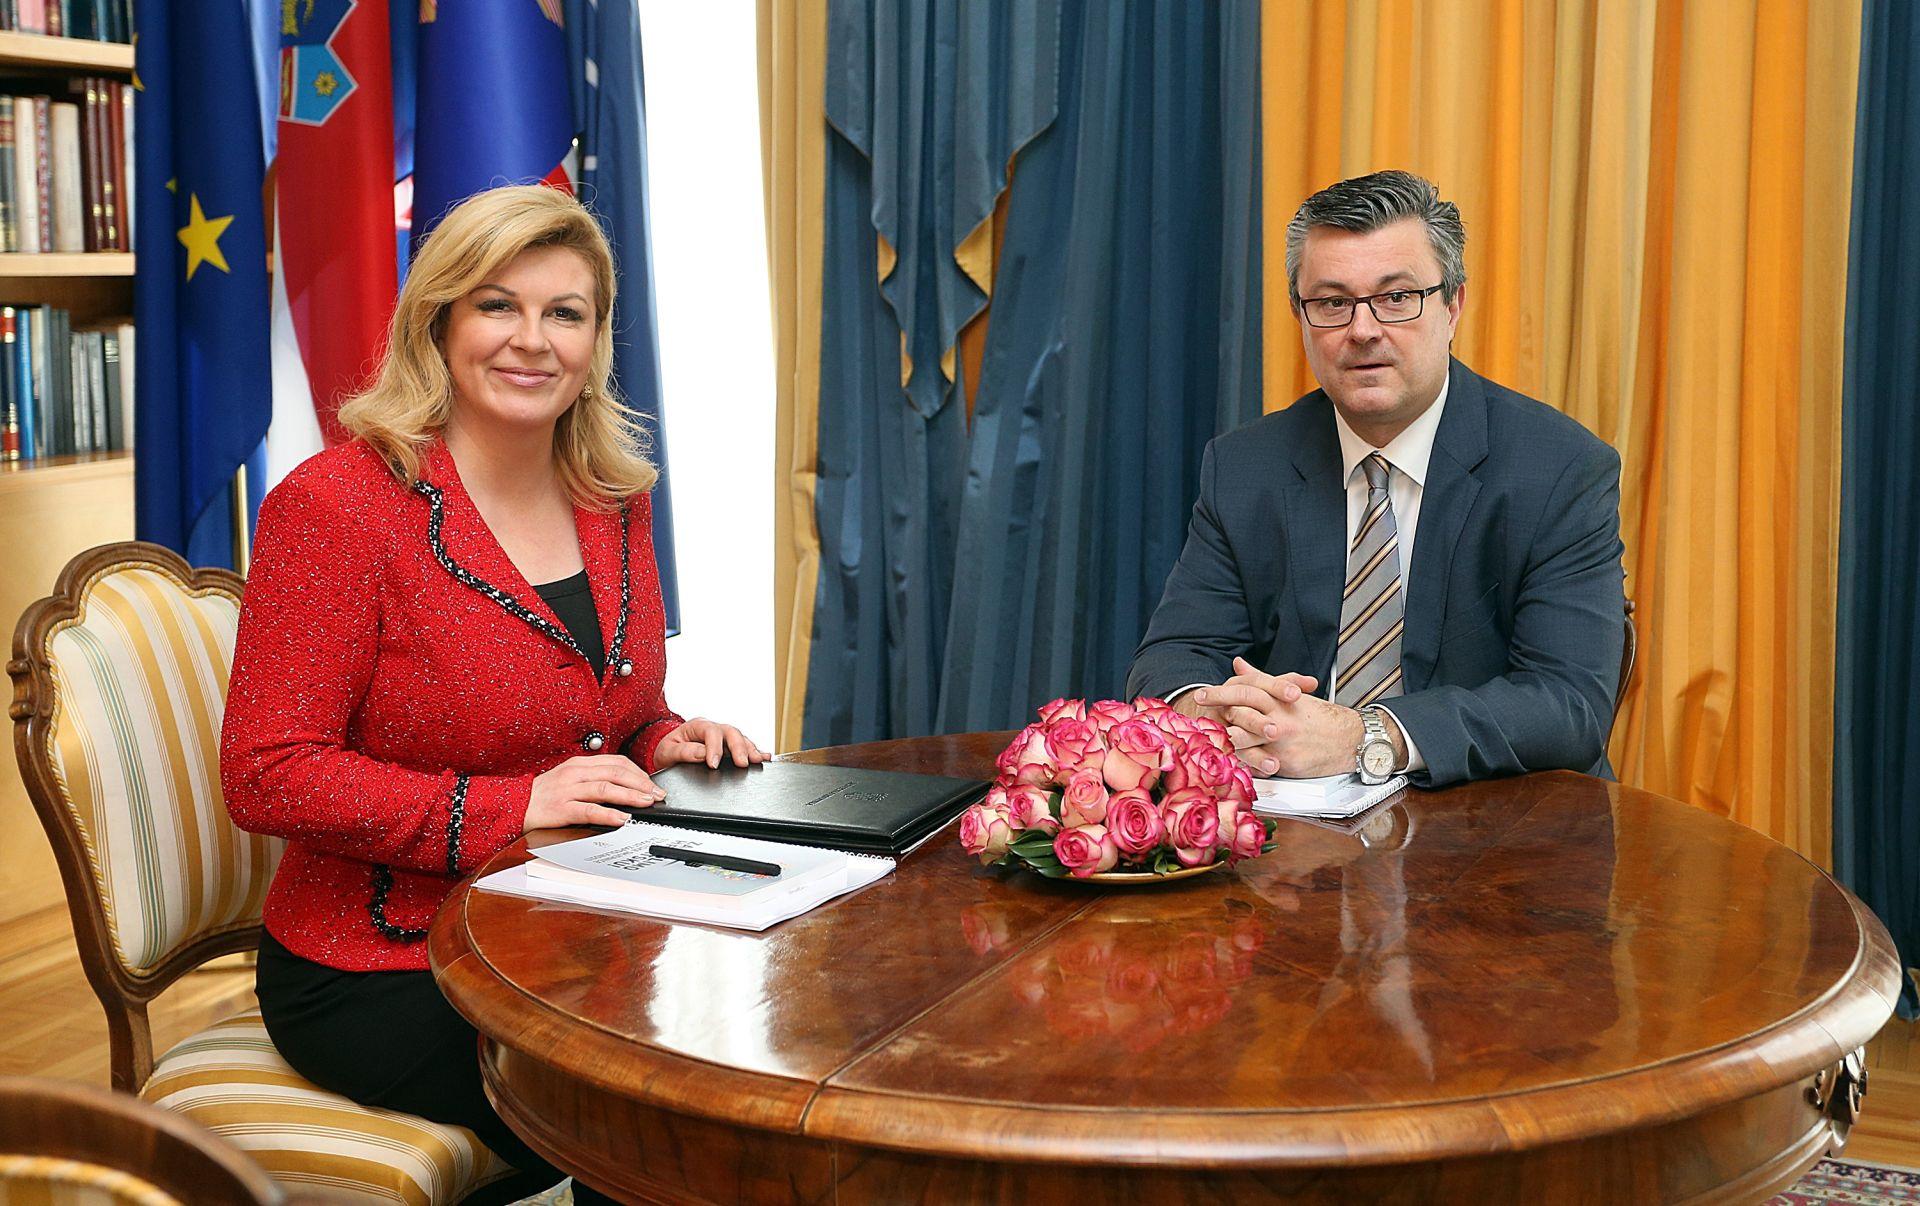 PRVI SLUŽBENI SASTANAK: Predsjednica i novi premijer u utorak u Uredu predsjednice